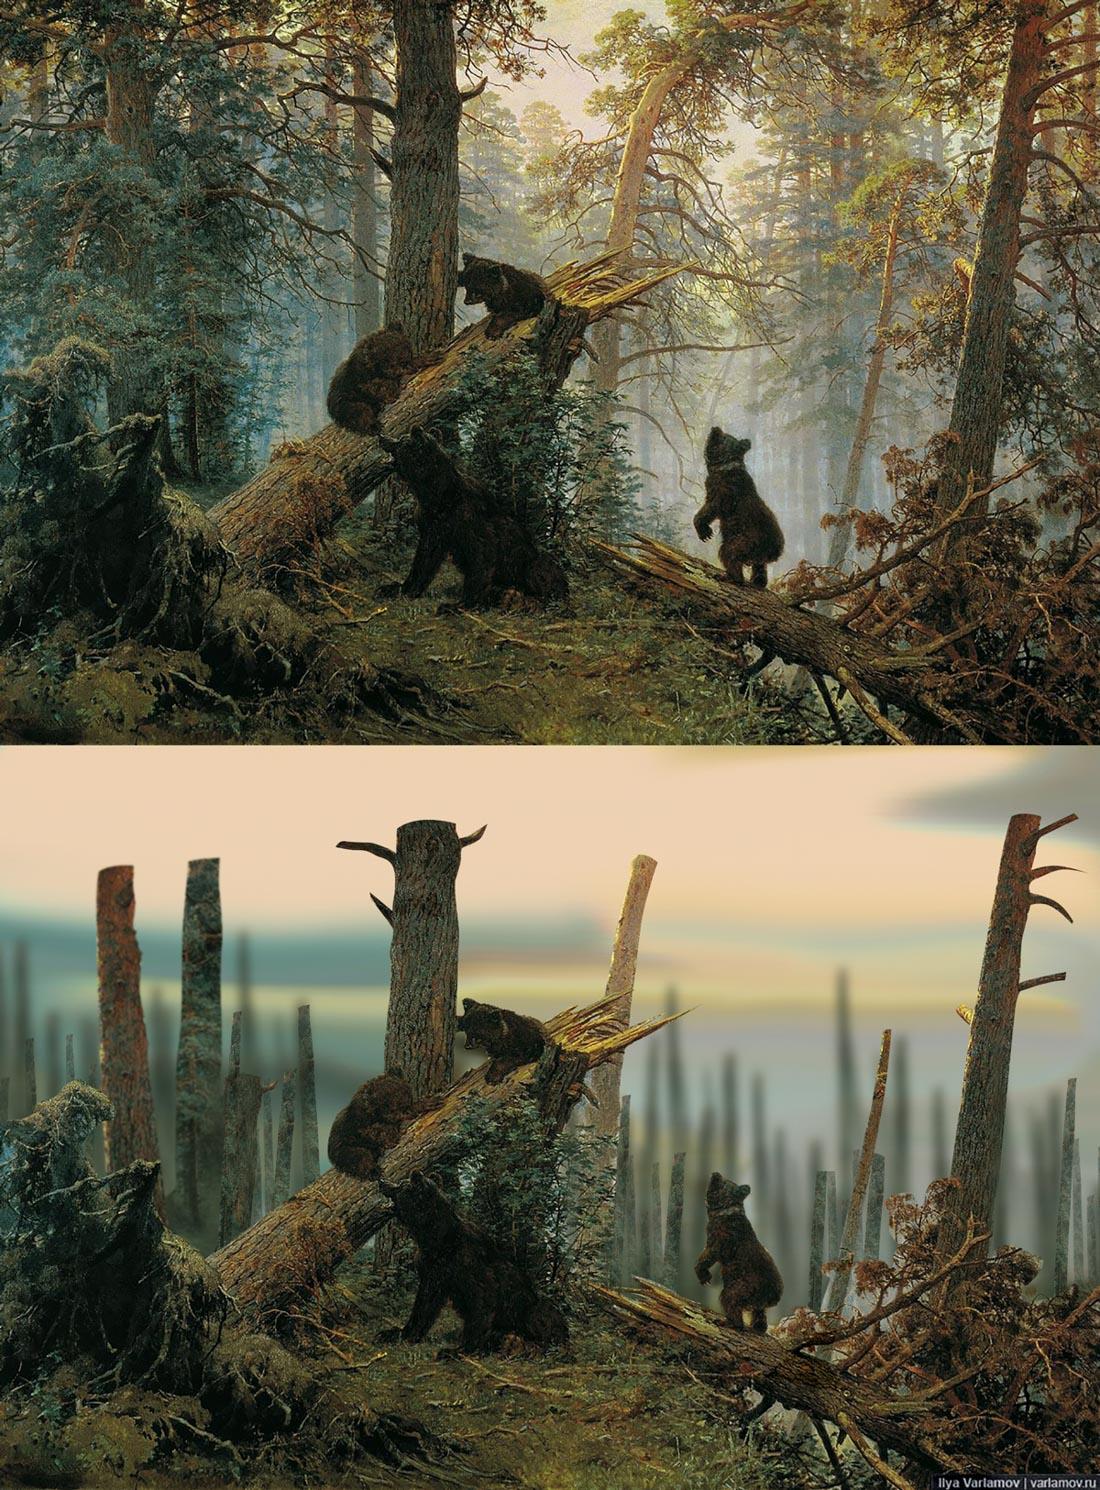 Русский лес глазами наших чиновников деревья, кронирование, Шишкин, дерево, вообще, обрезке, России, Пейзаж, спиливают, которые, штамба, скелетных, Михаил, ветвей, чиновники, более, менее, красивым, просто, городах